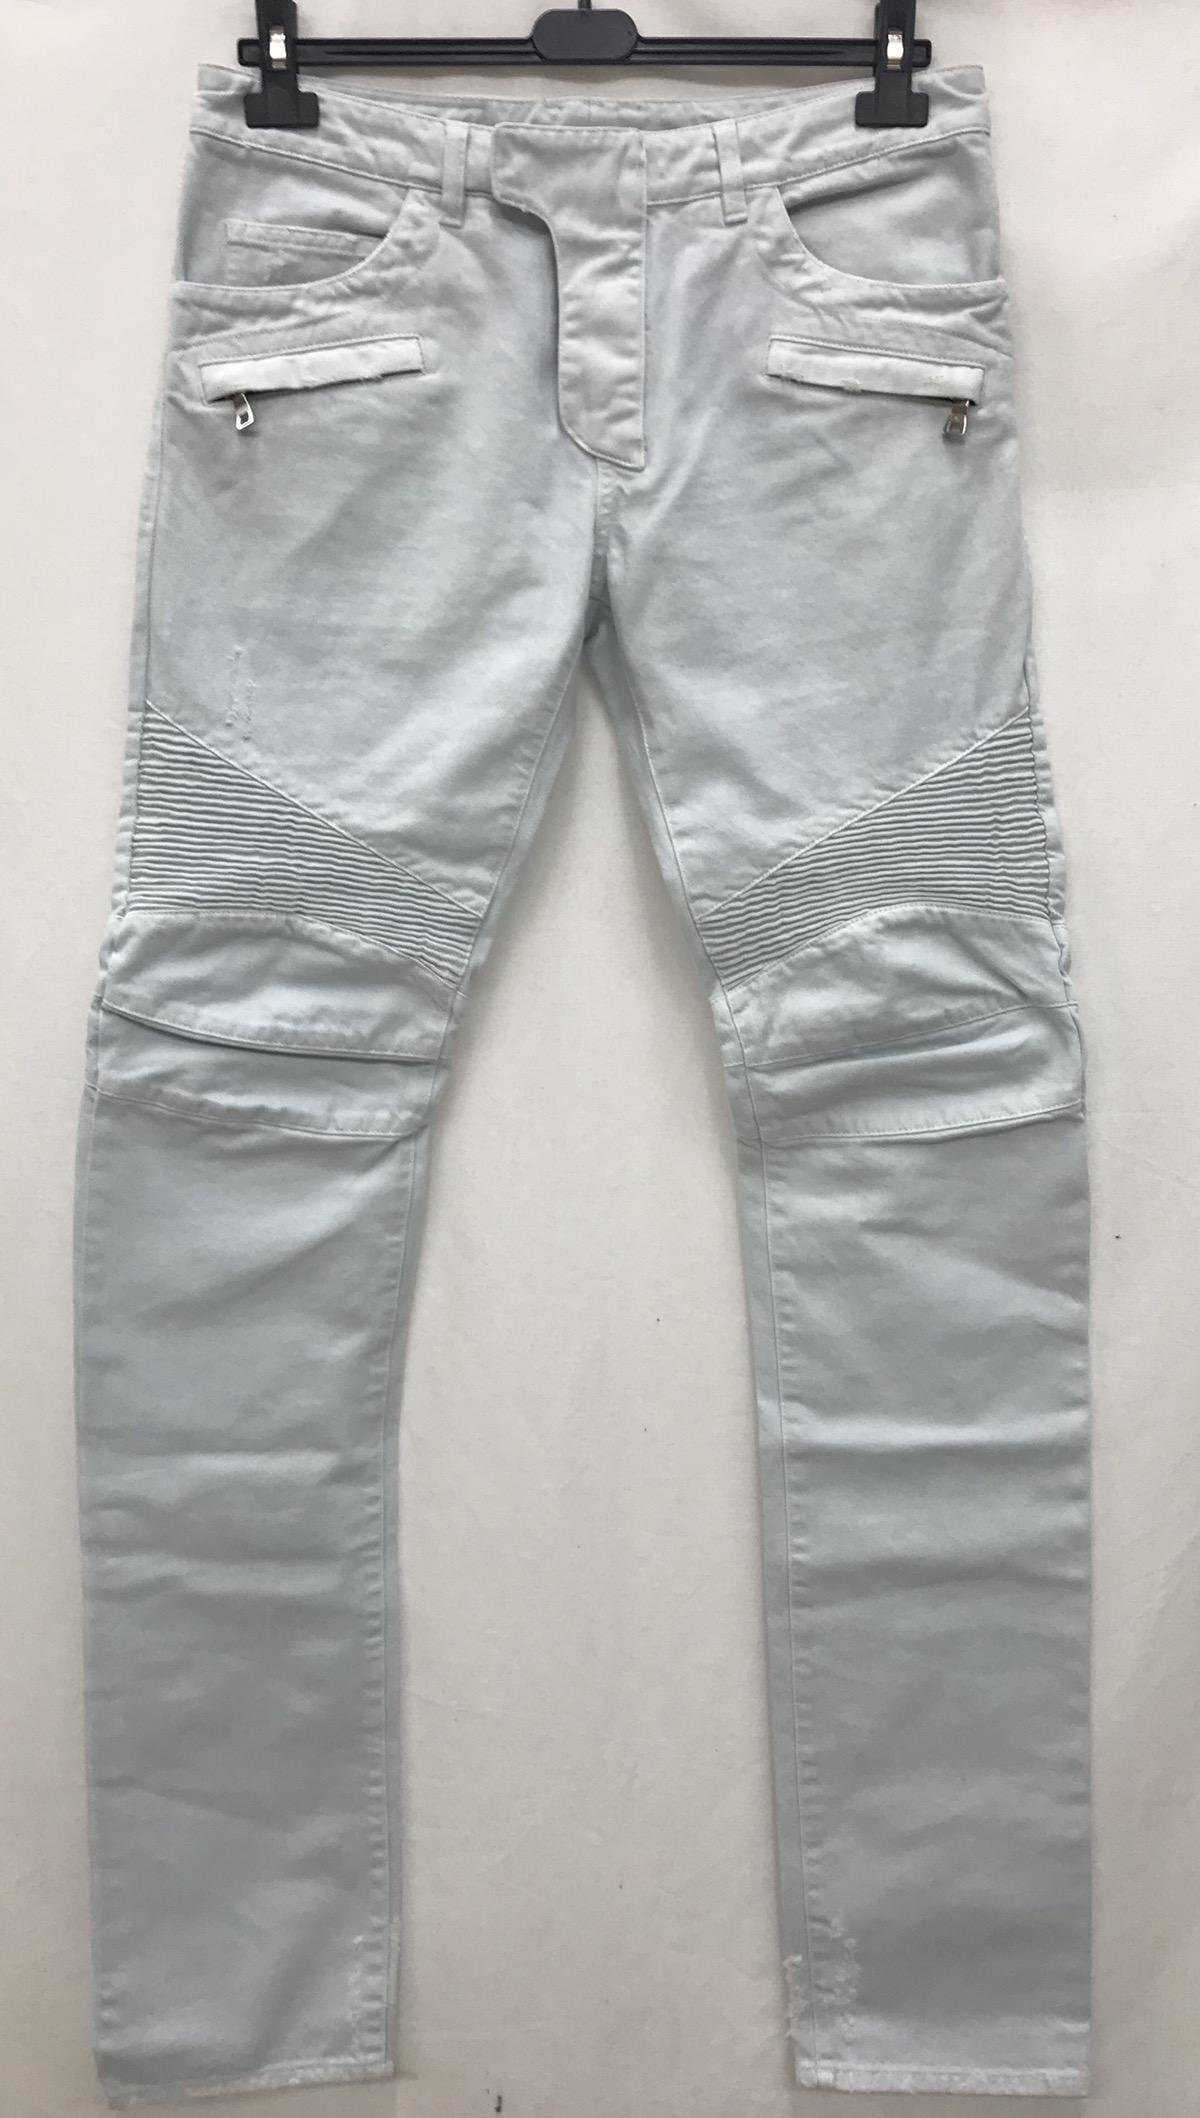 b257995c Balmain Balmain Jeans Biker Size 32 Mod. S4ht500b406 | Grailed